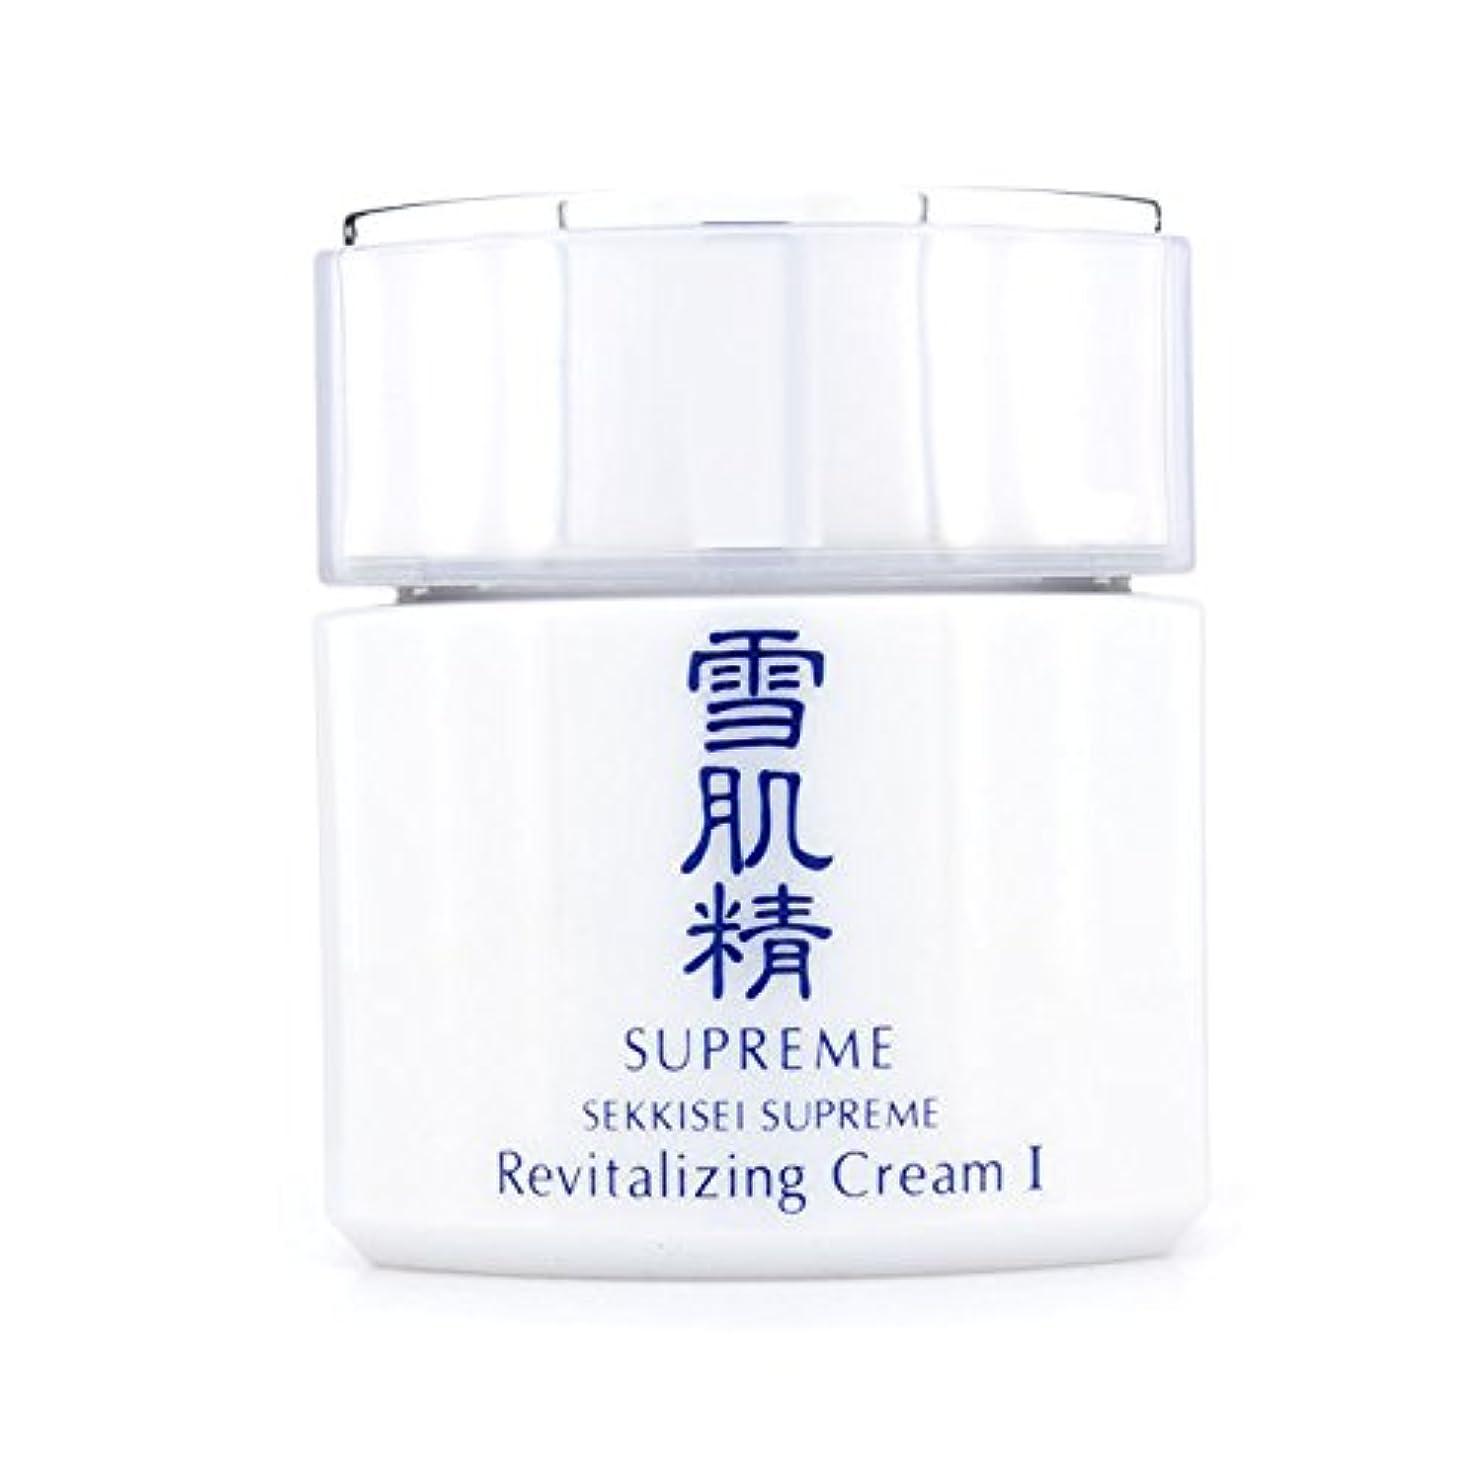 ねじれ乳剤本会議コーセー 雪肌精 シュープレム クリーム 40g I